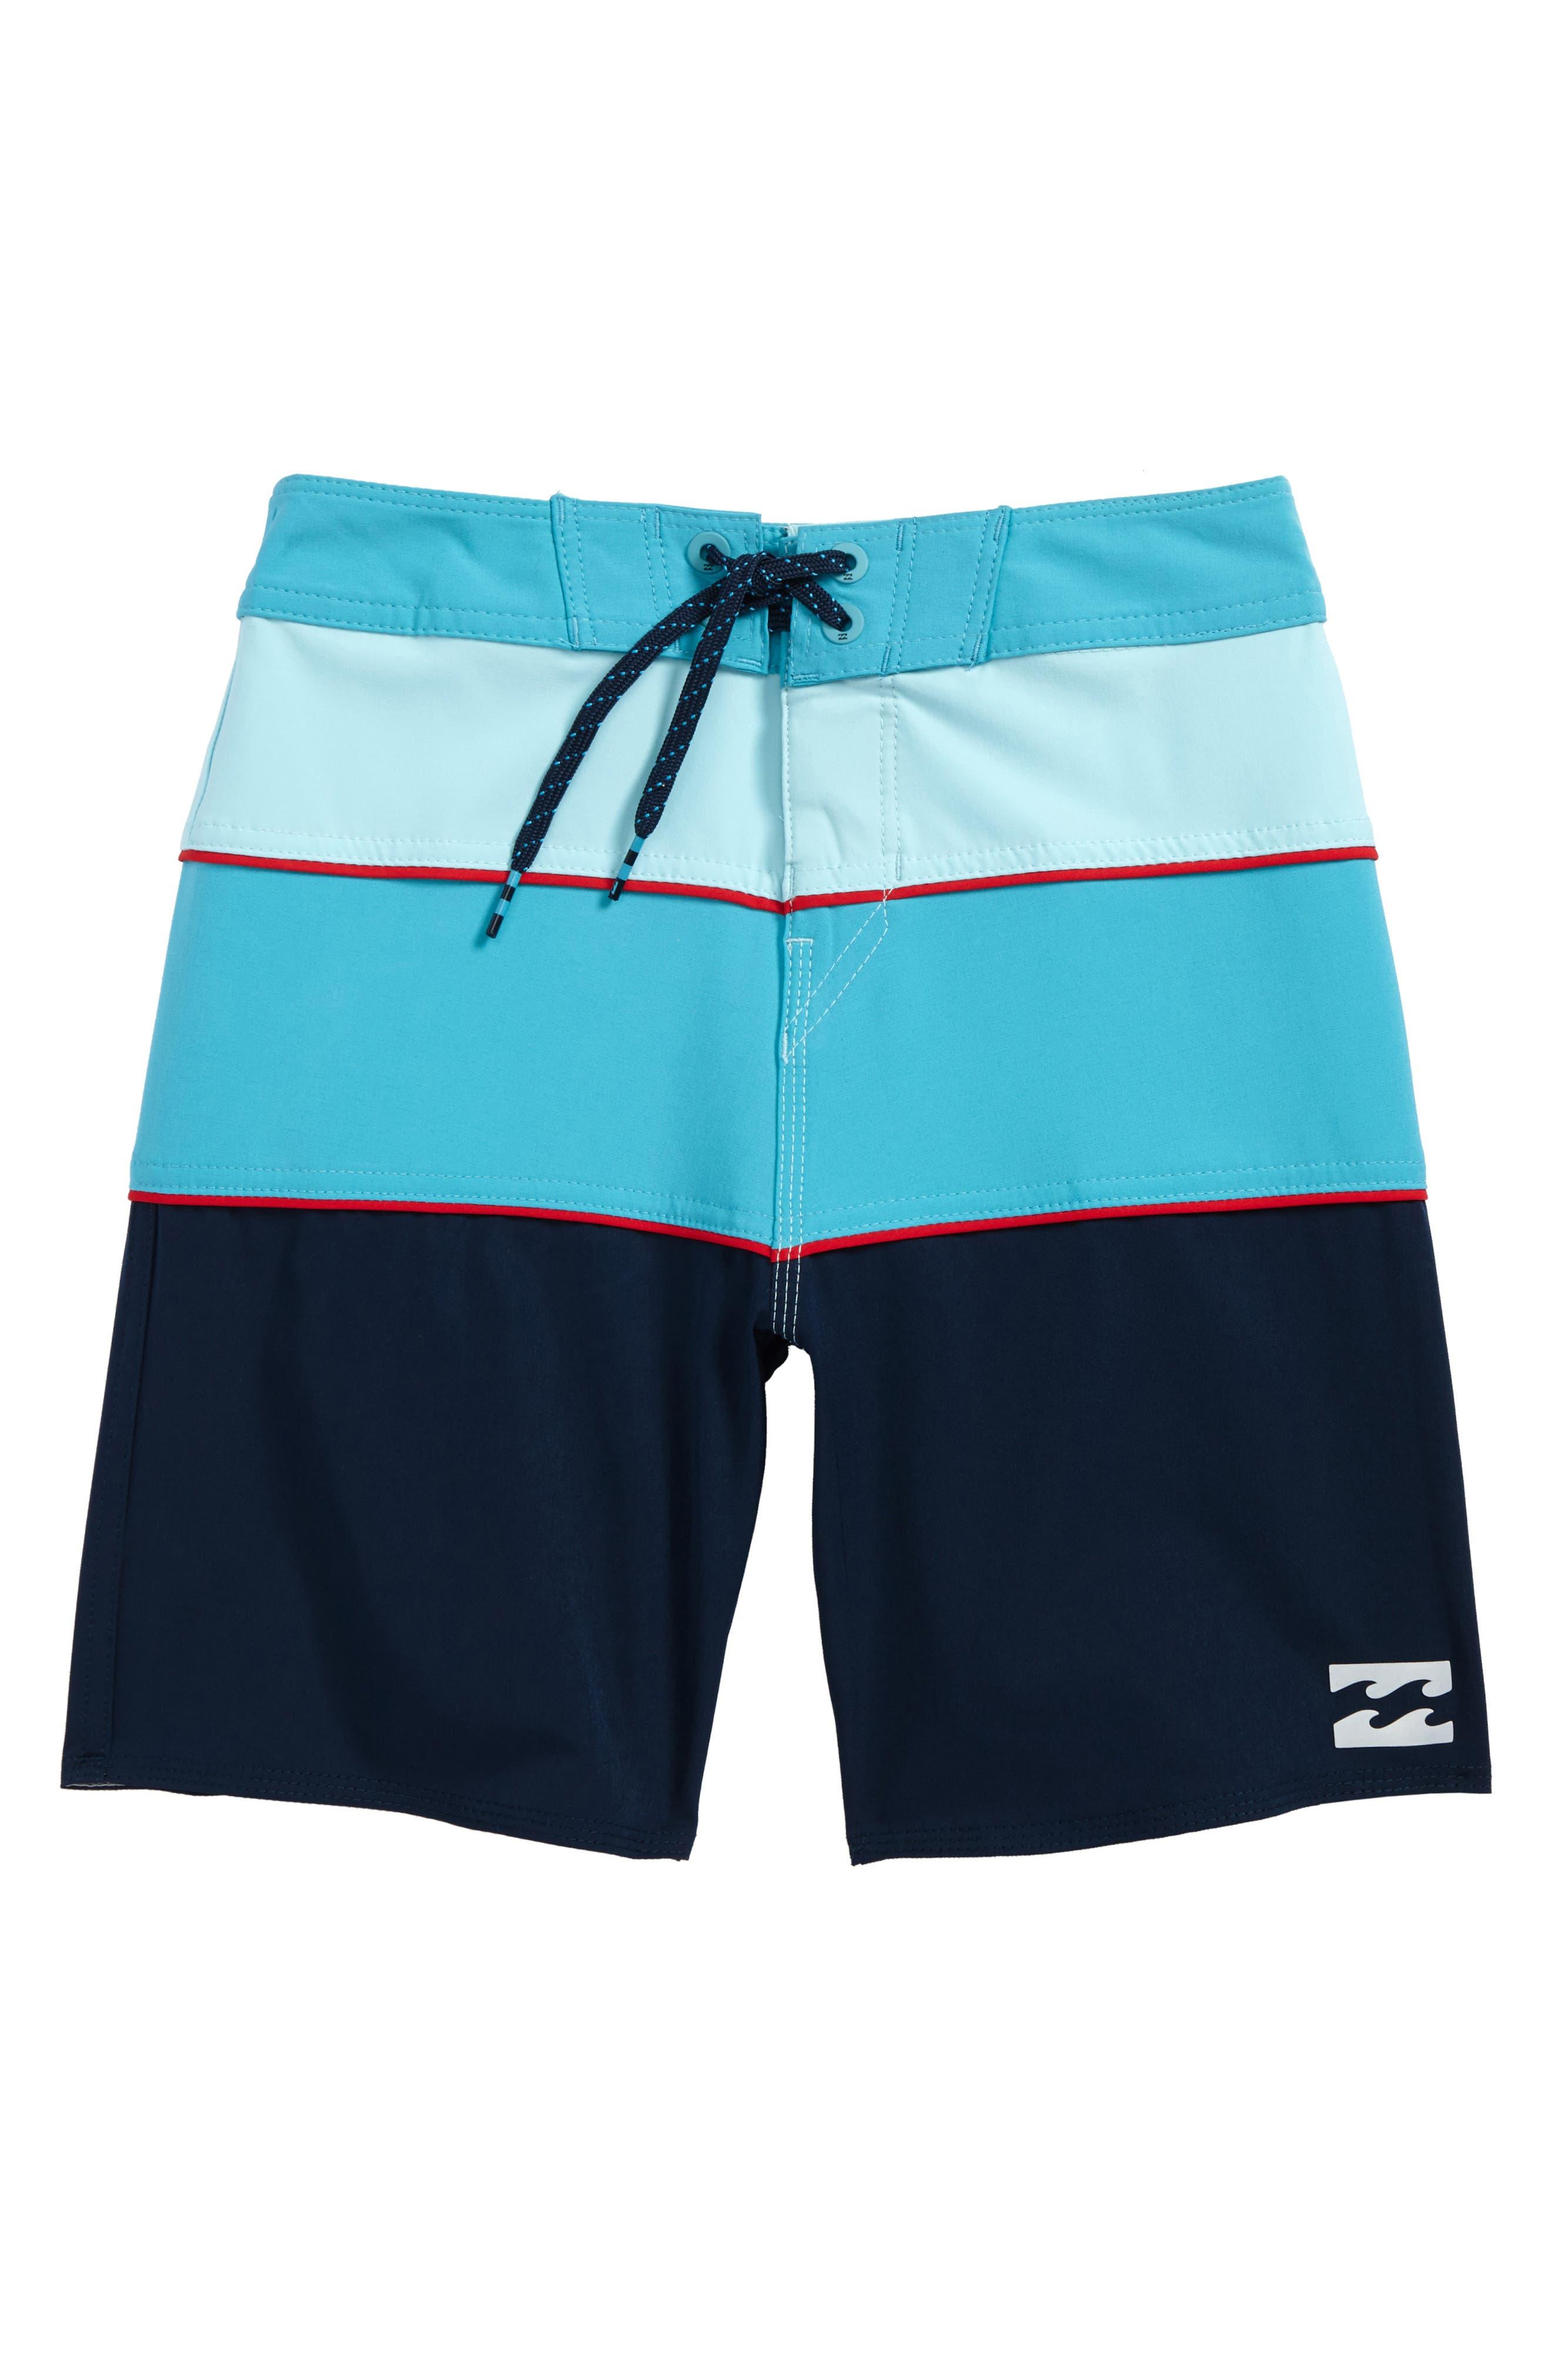 Tribong X Board Shorts,                         Main,                         color, Navy